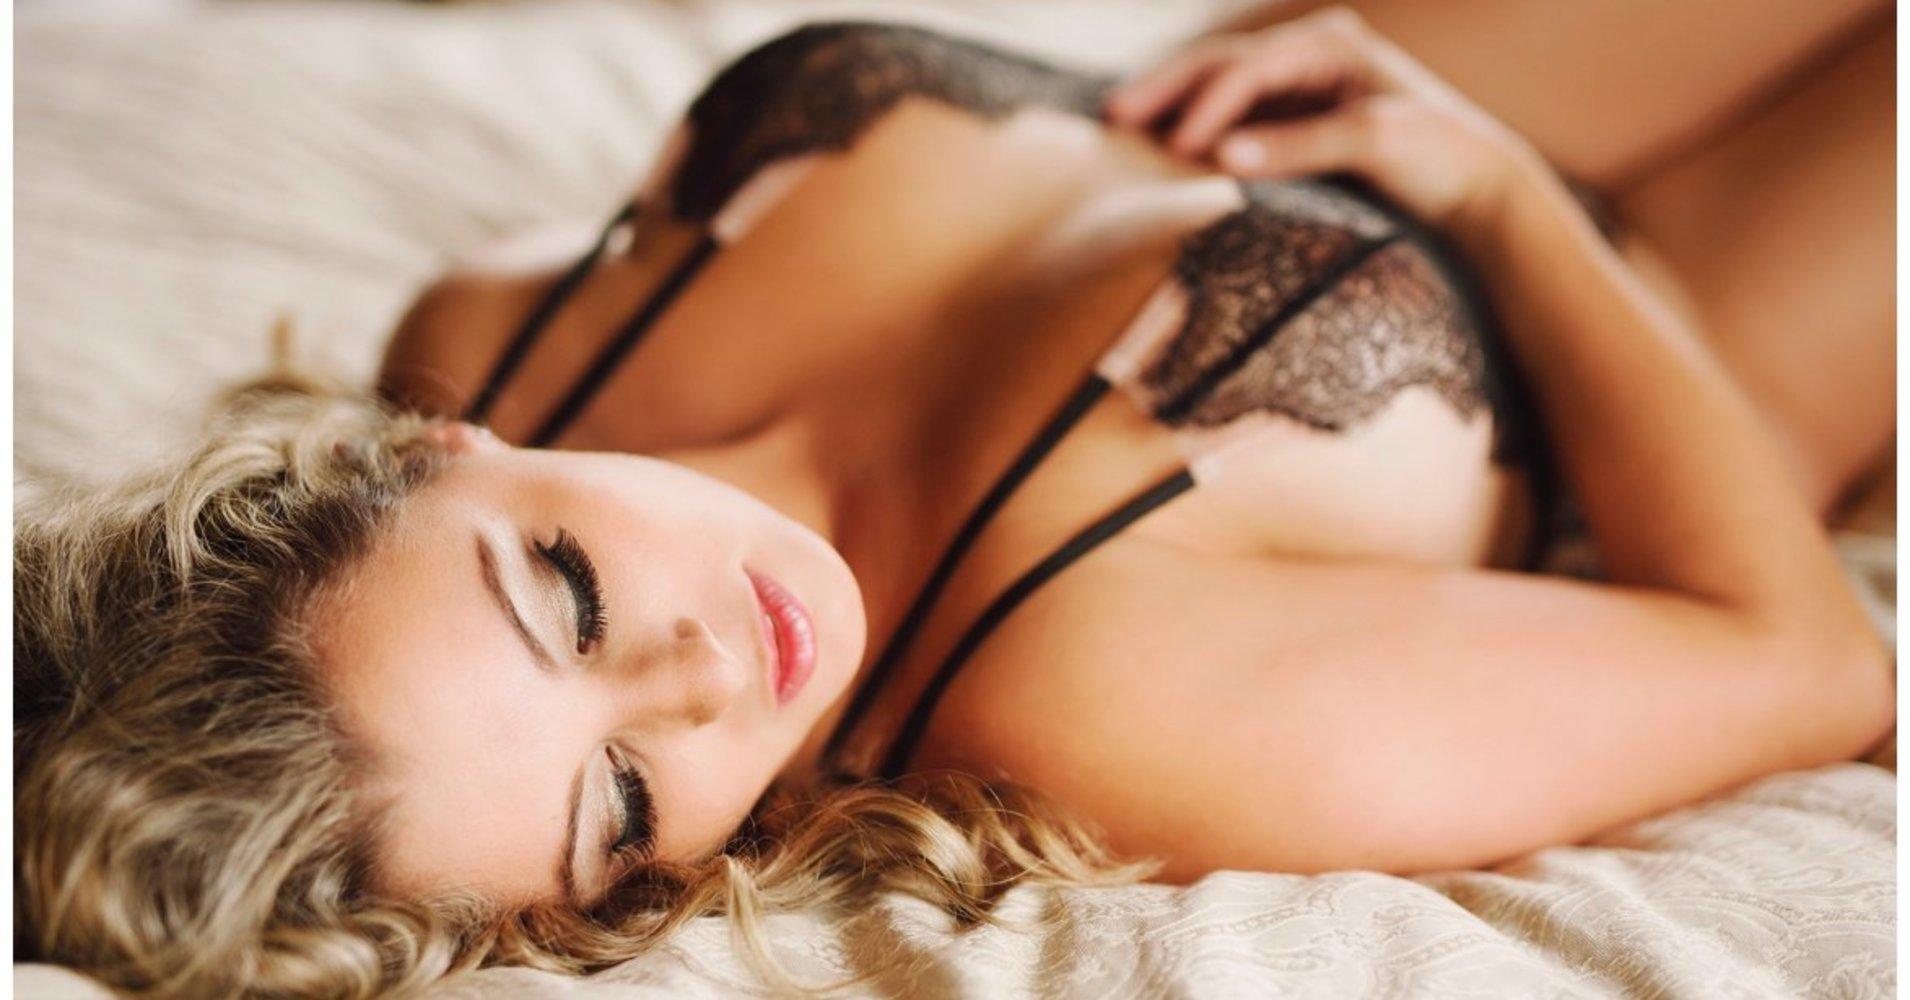 Фото интимные сексуальные, Красивые интимные фото девушек и женщин смотреть 7 фотография